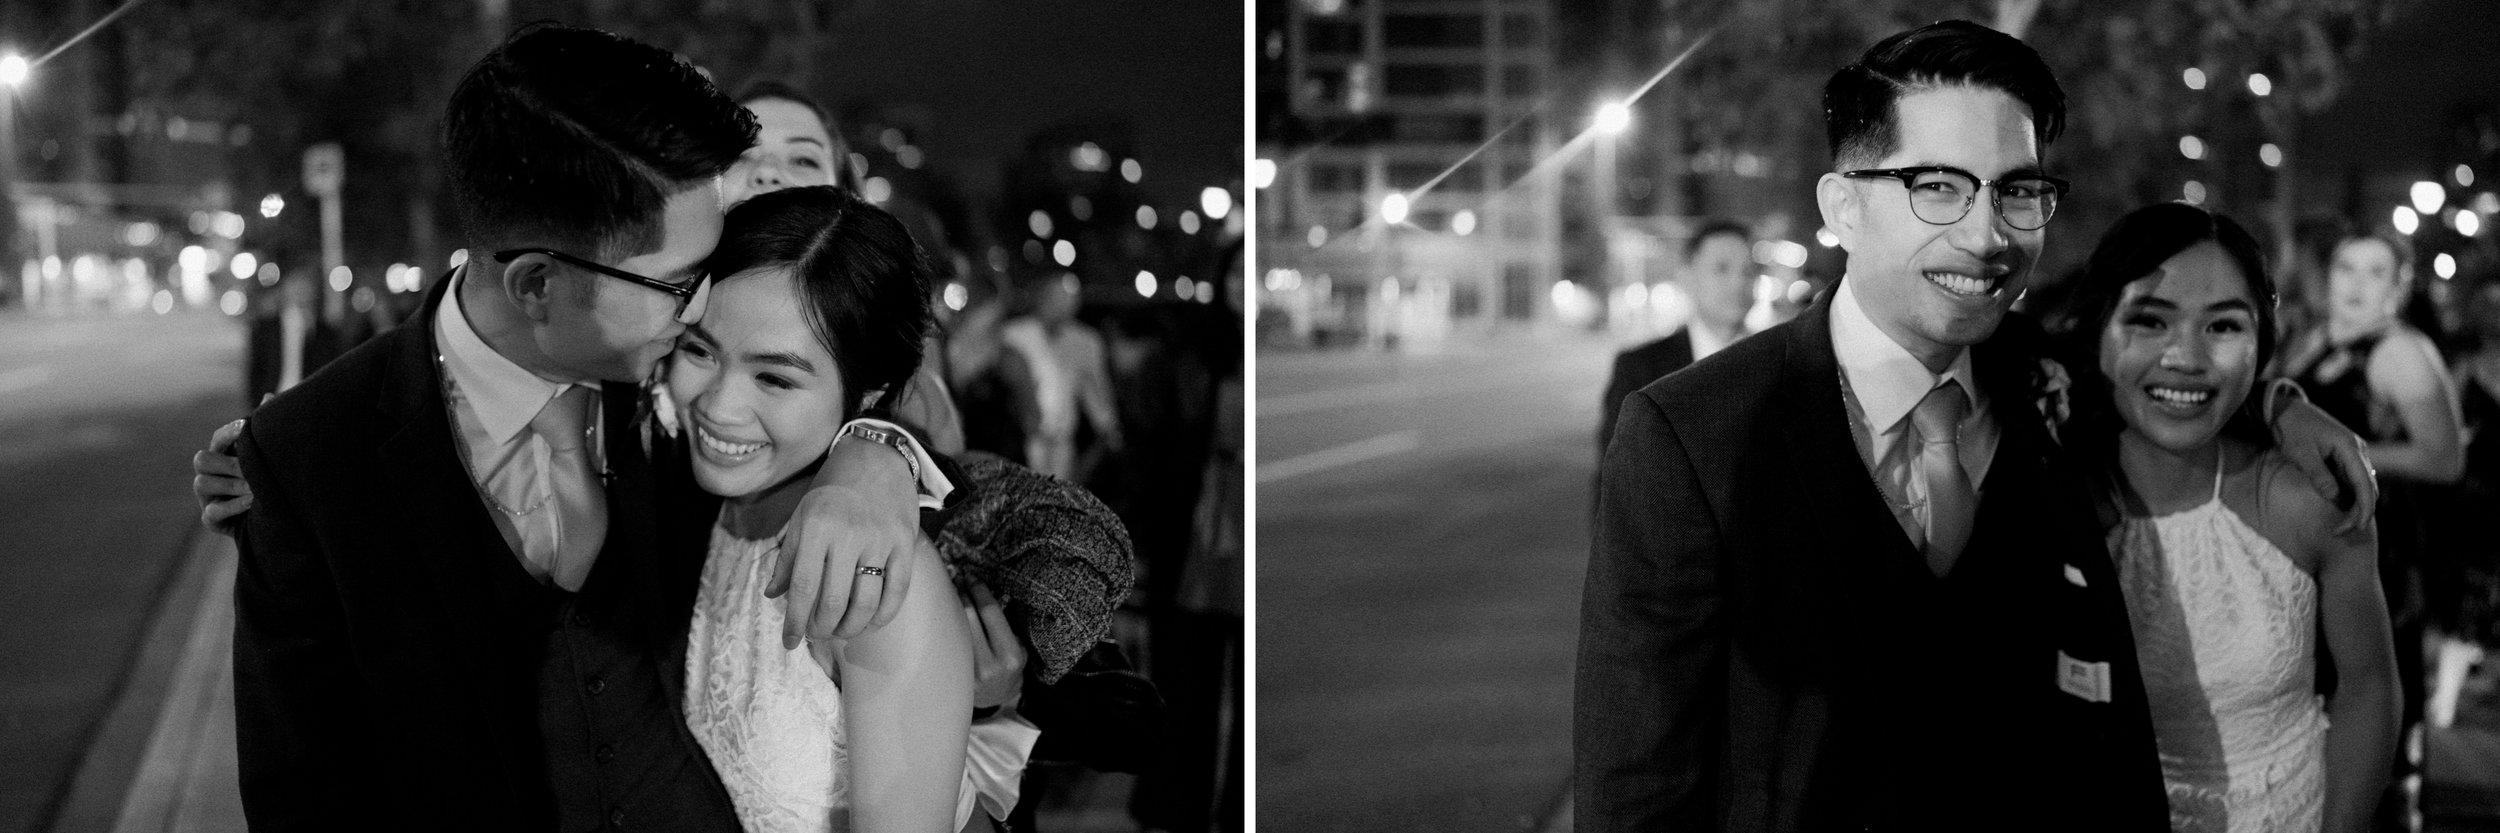 newyork-wedding-photographers2.jpg